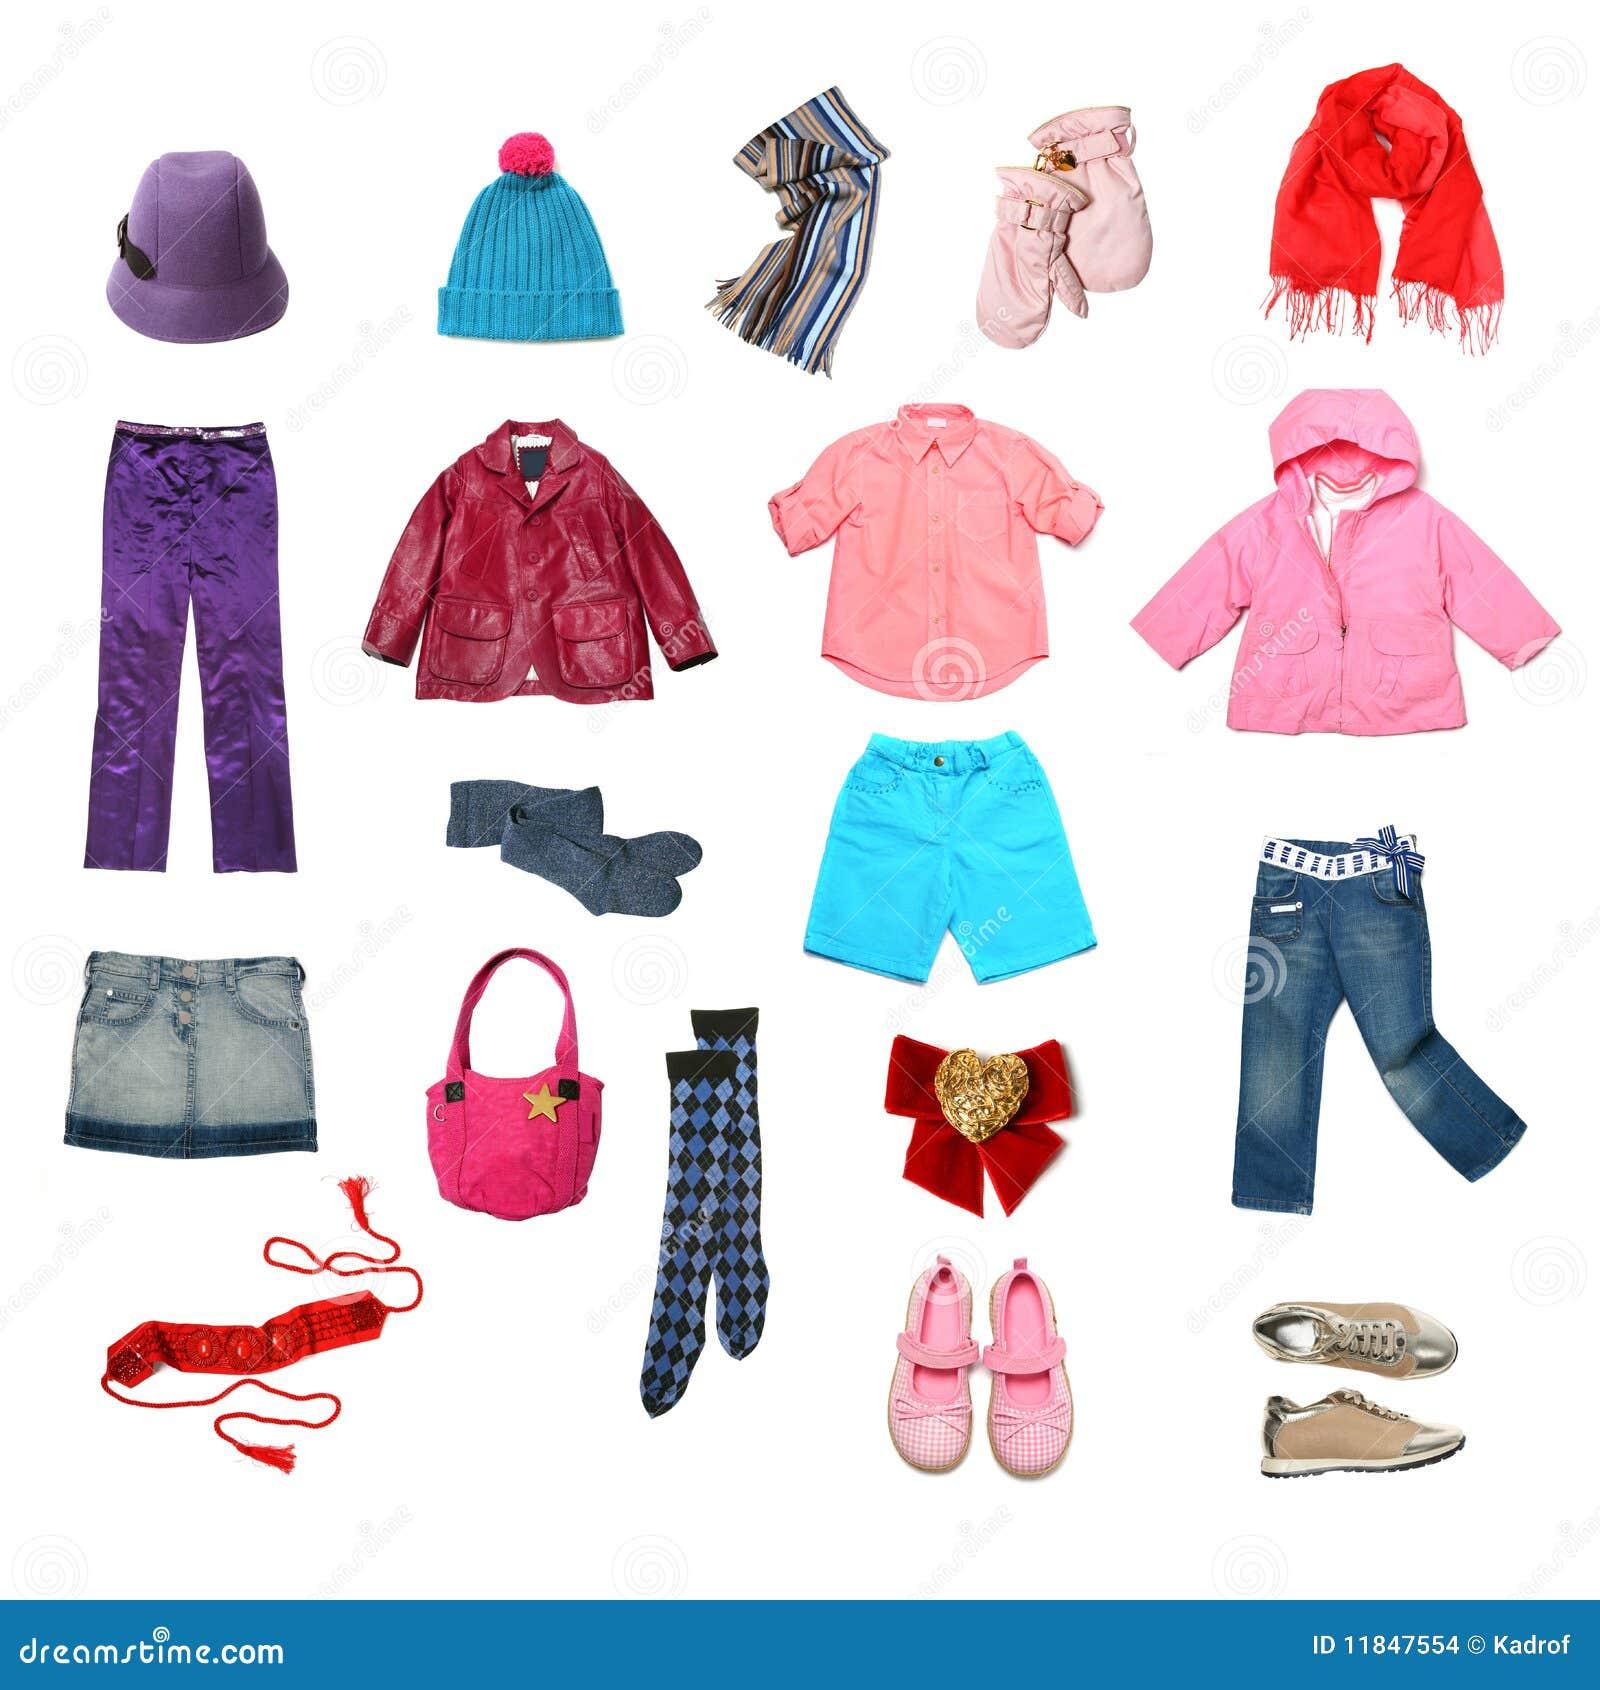 Kids clothes set